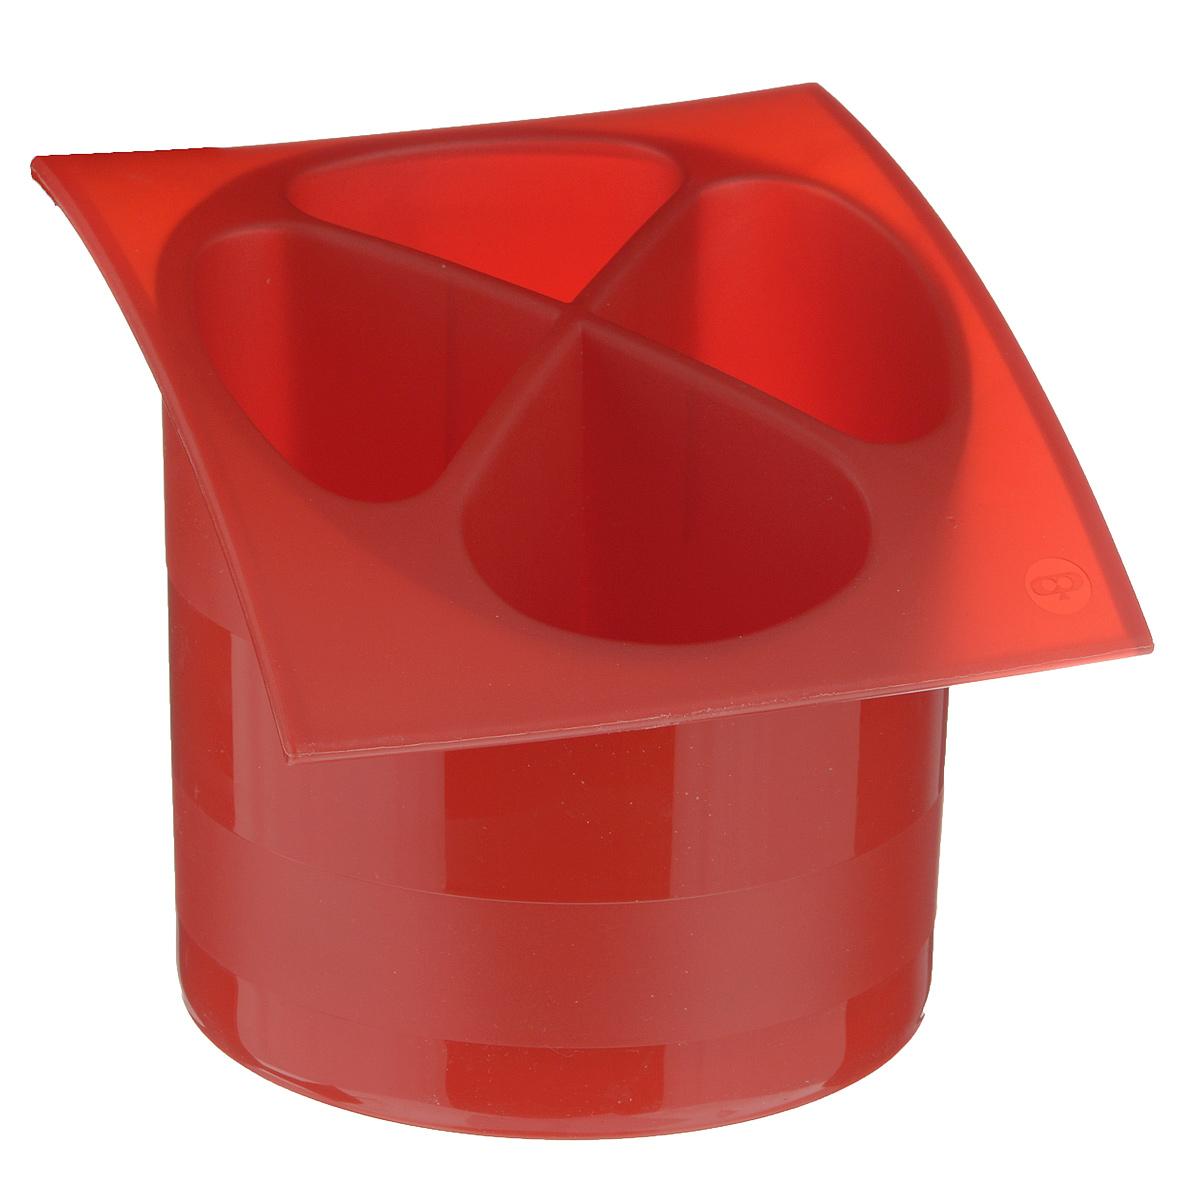 Подставка для столовых приборов Cosmoplast, цвет: красный, диаметр 14 см подставка для столовых приборов kesperd с ручками цвет коричневый 38 х 32 х 4 см